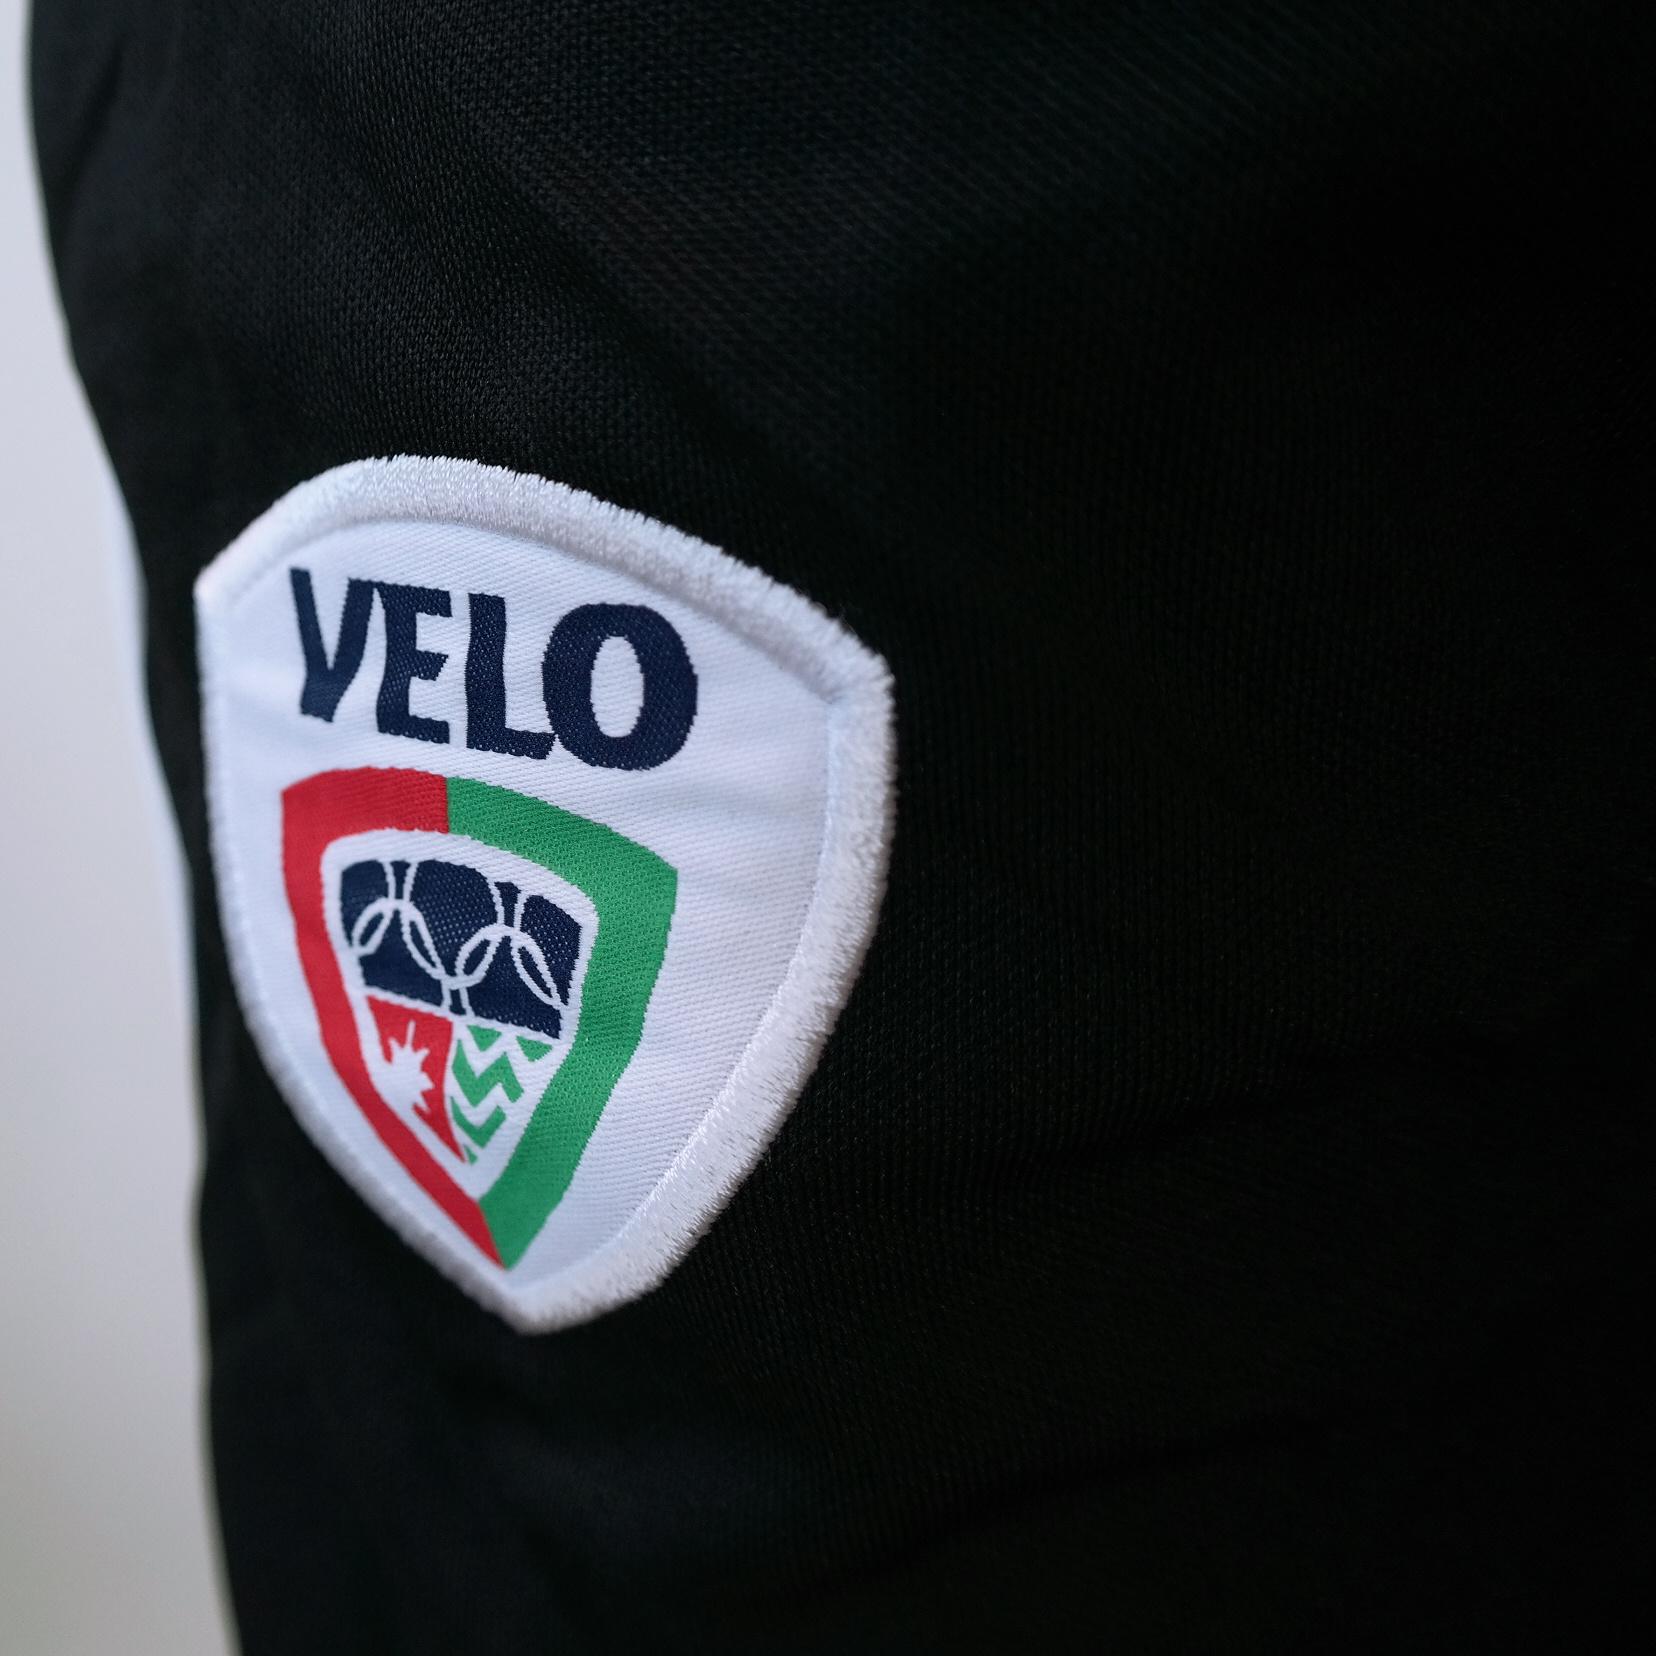 Velo Broek, Zwart/Groen